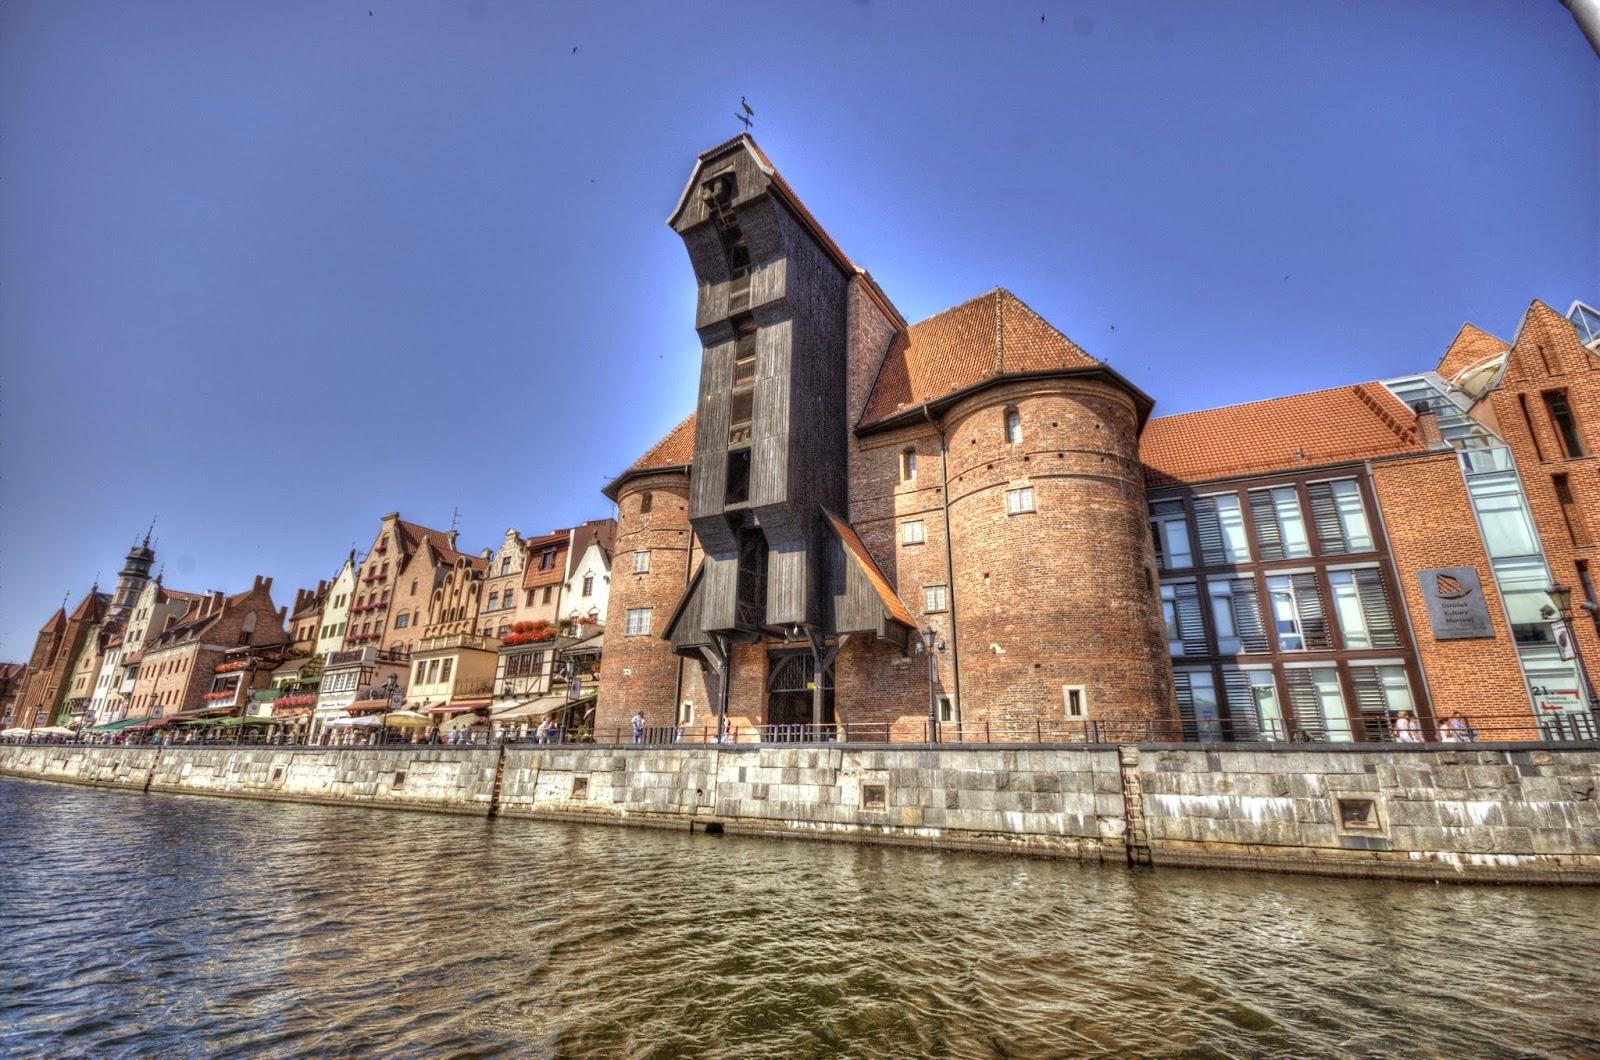 port w Gdańsku co zobaczyć i zwiedzić?